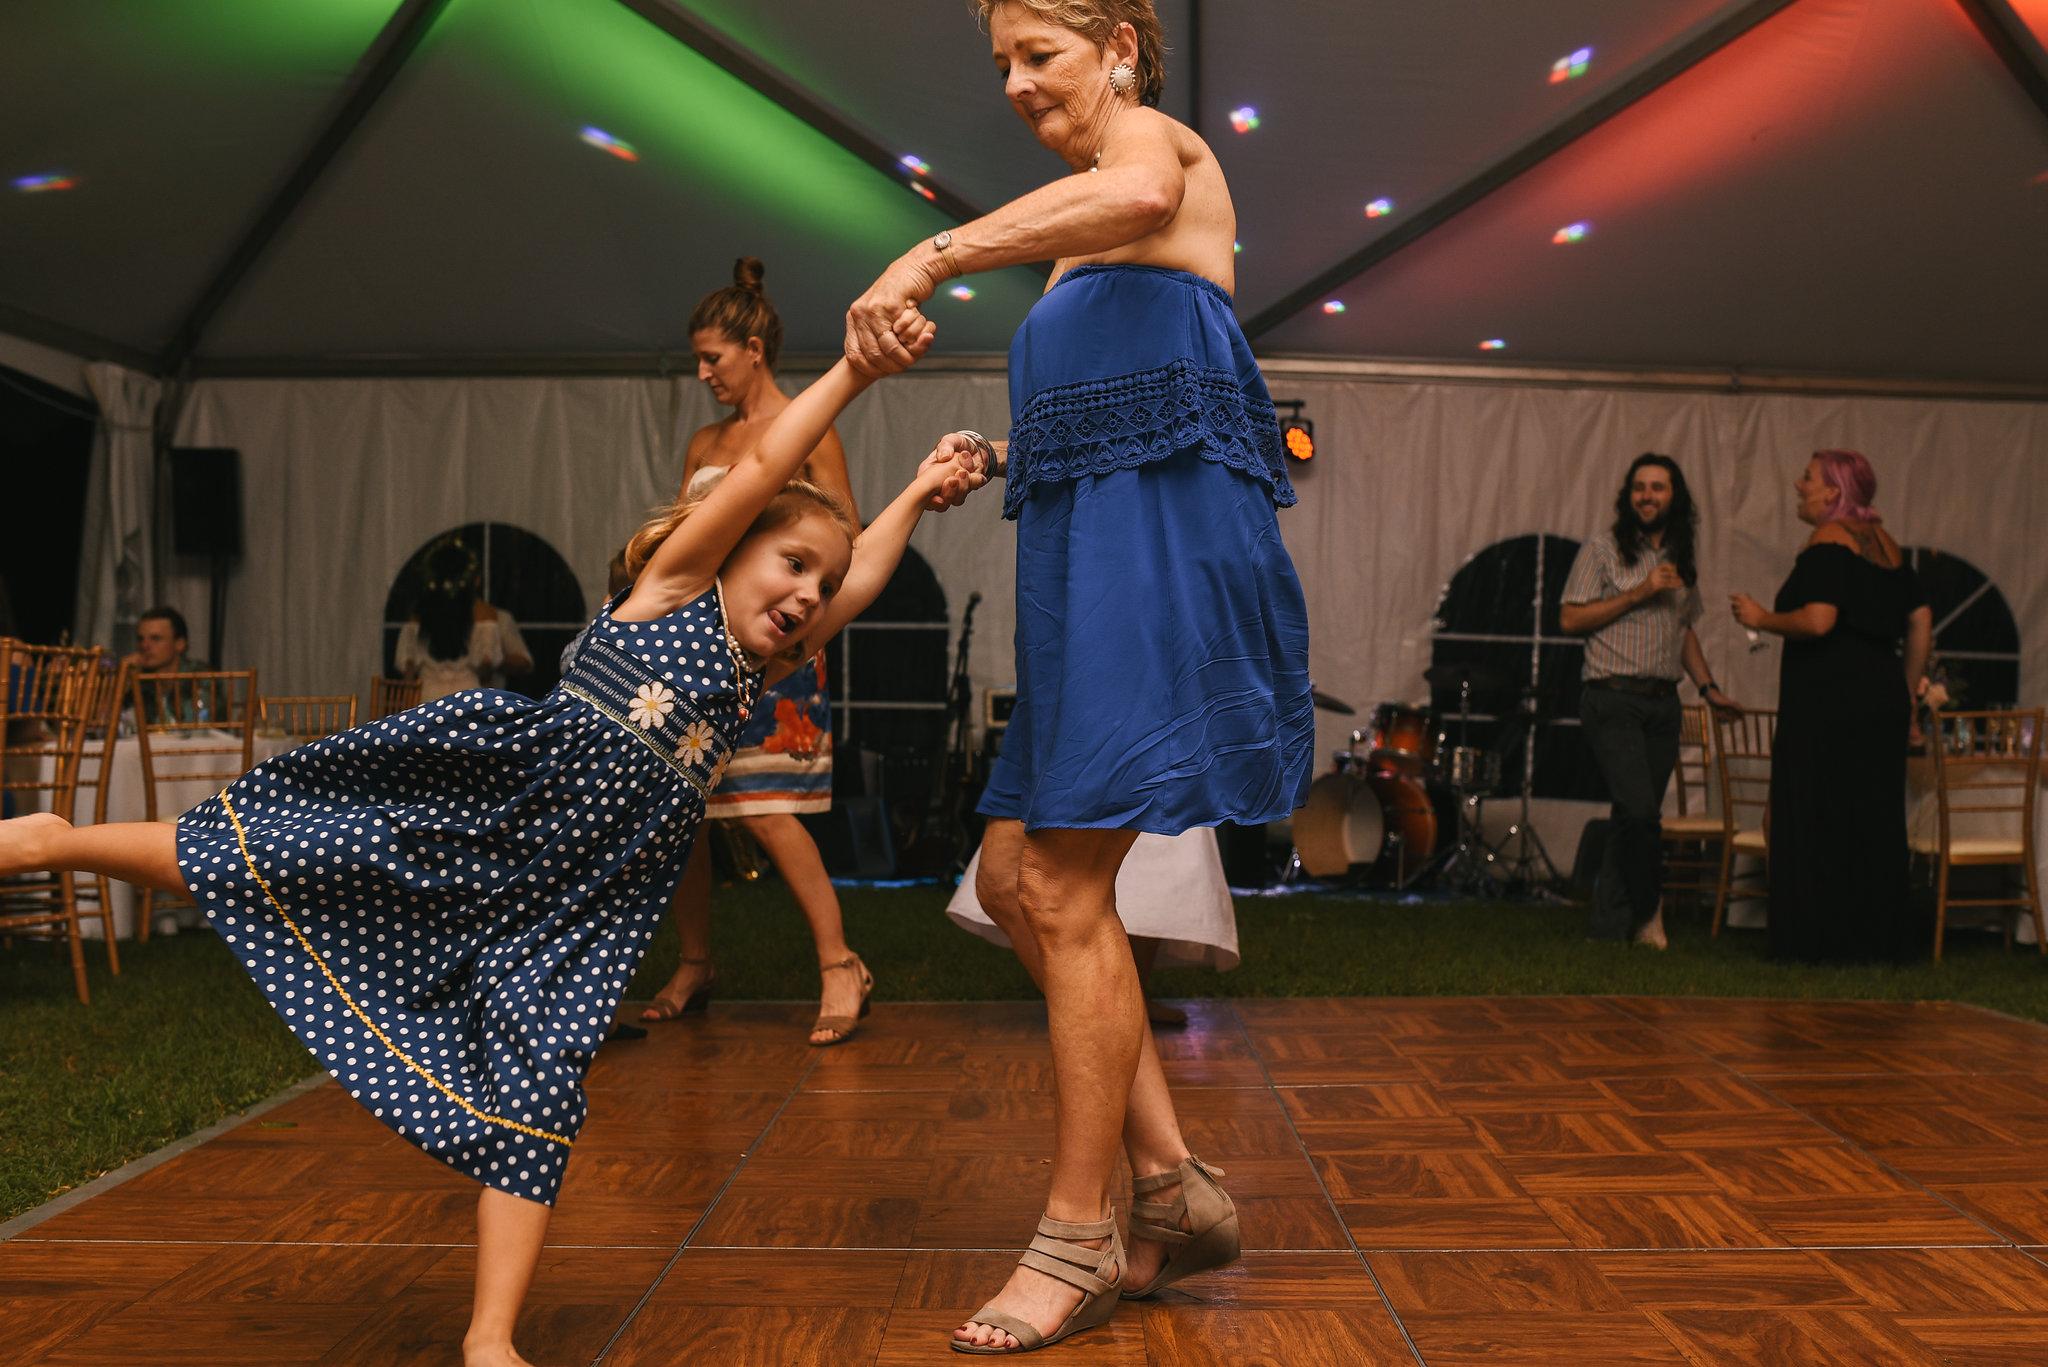 Maryland, Eastern Shore, Baltimore Wedding Photographer, Romantic, Boho, Backyard Wedding, Nature, Wedding Guest Dancing with Little Girl on Dancefloor, Little Girl Spinning